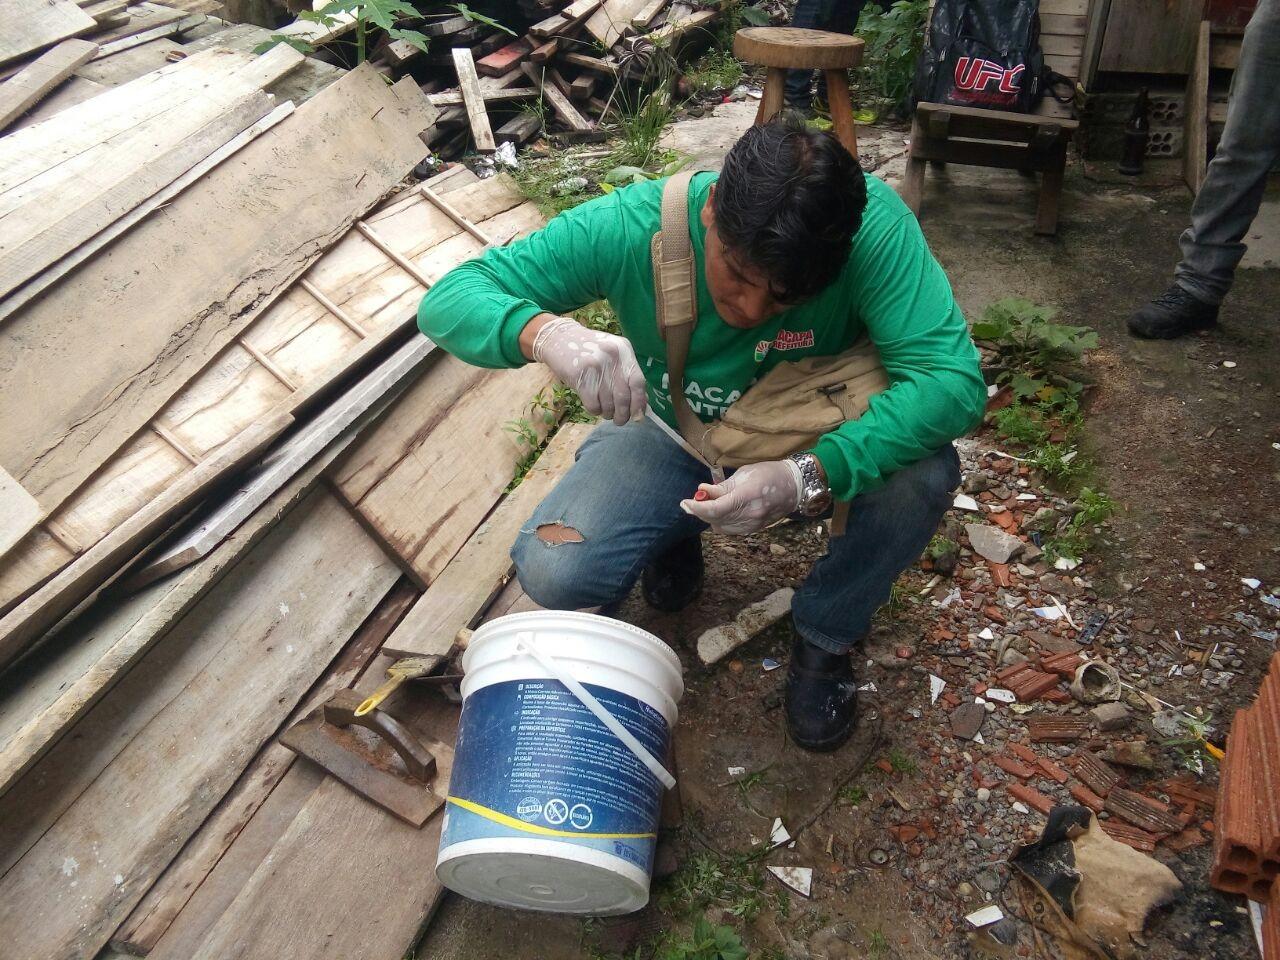 LIRAa de 2019 começa a mapear riscos para a dengue pelo Centro de Macapá